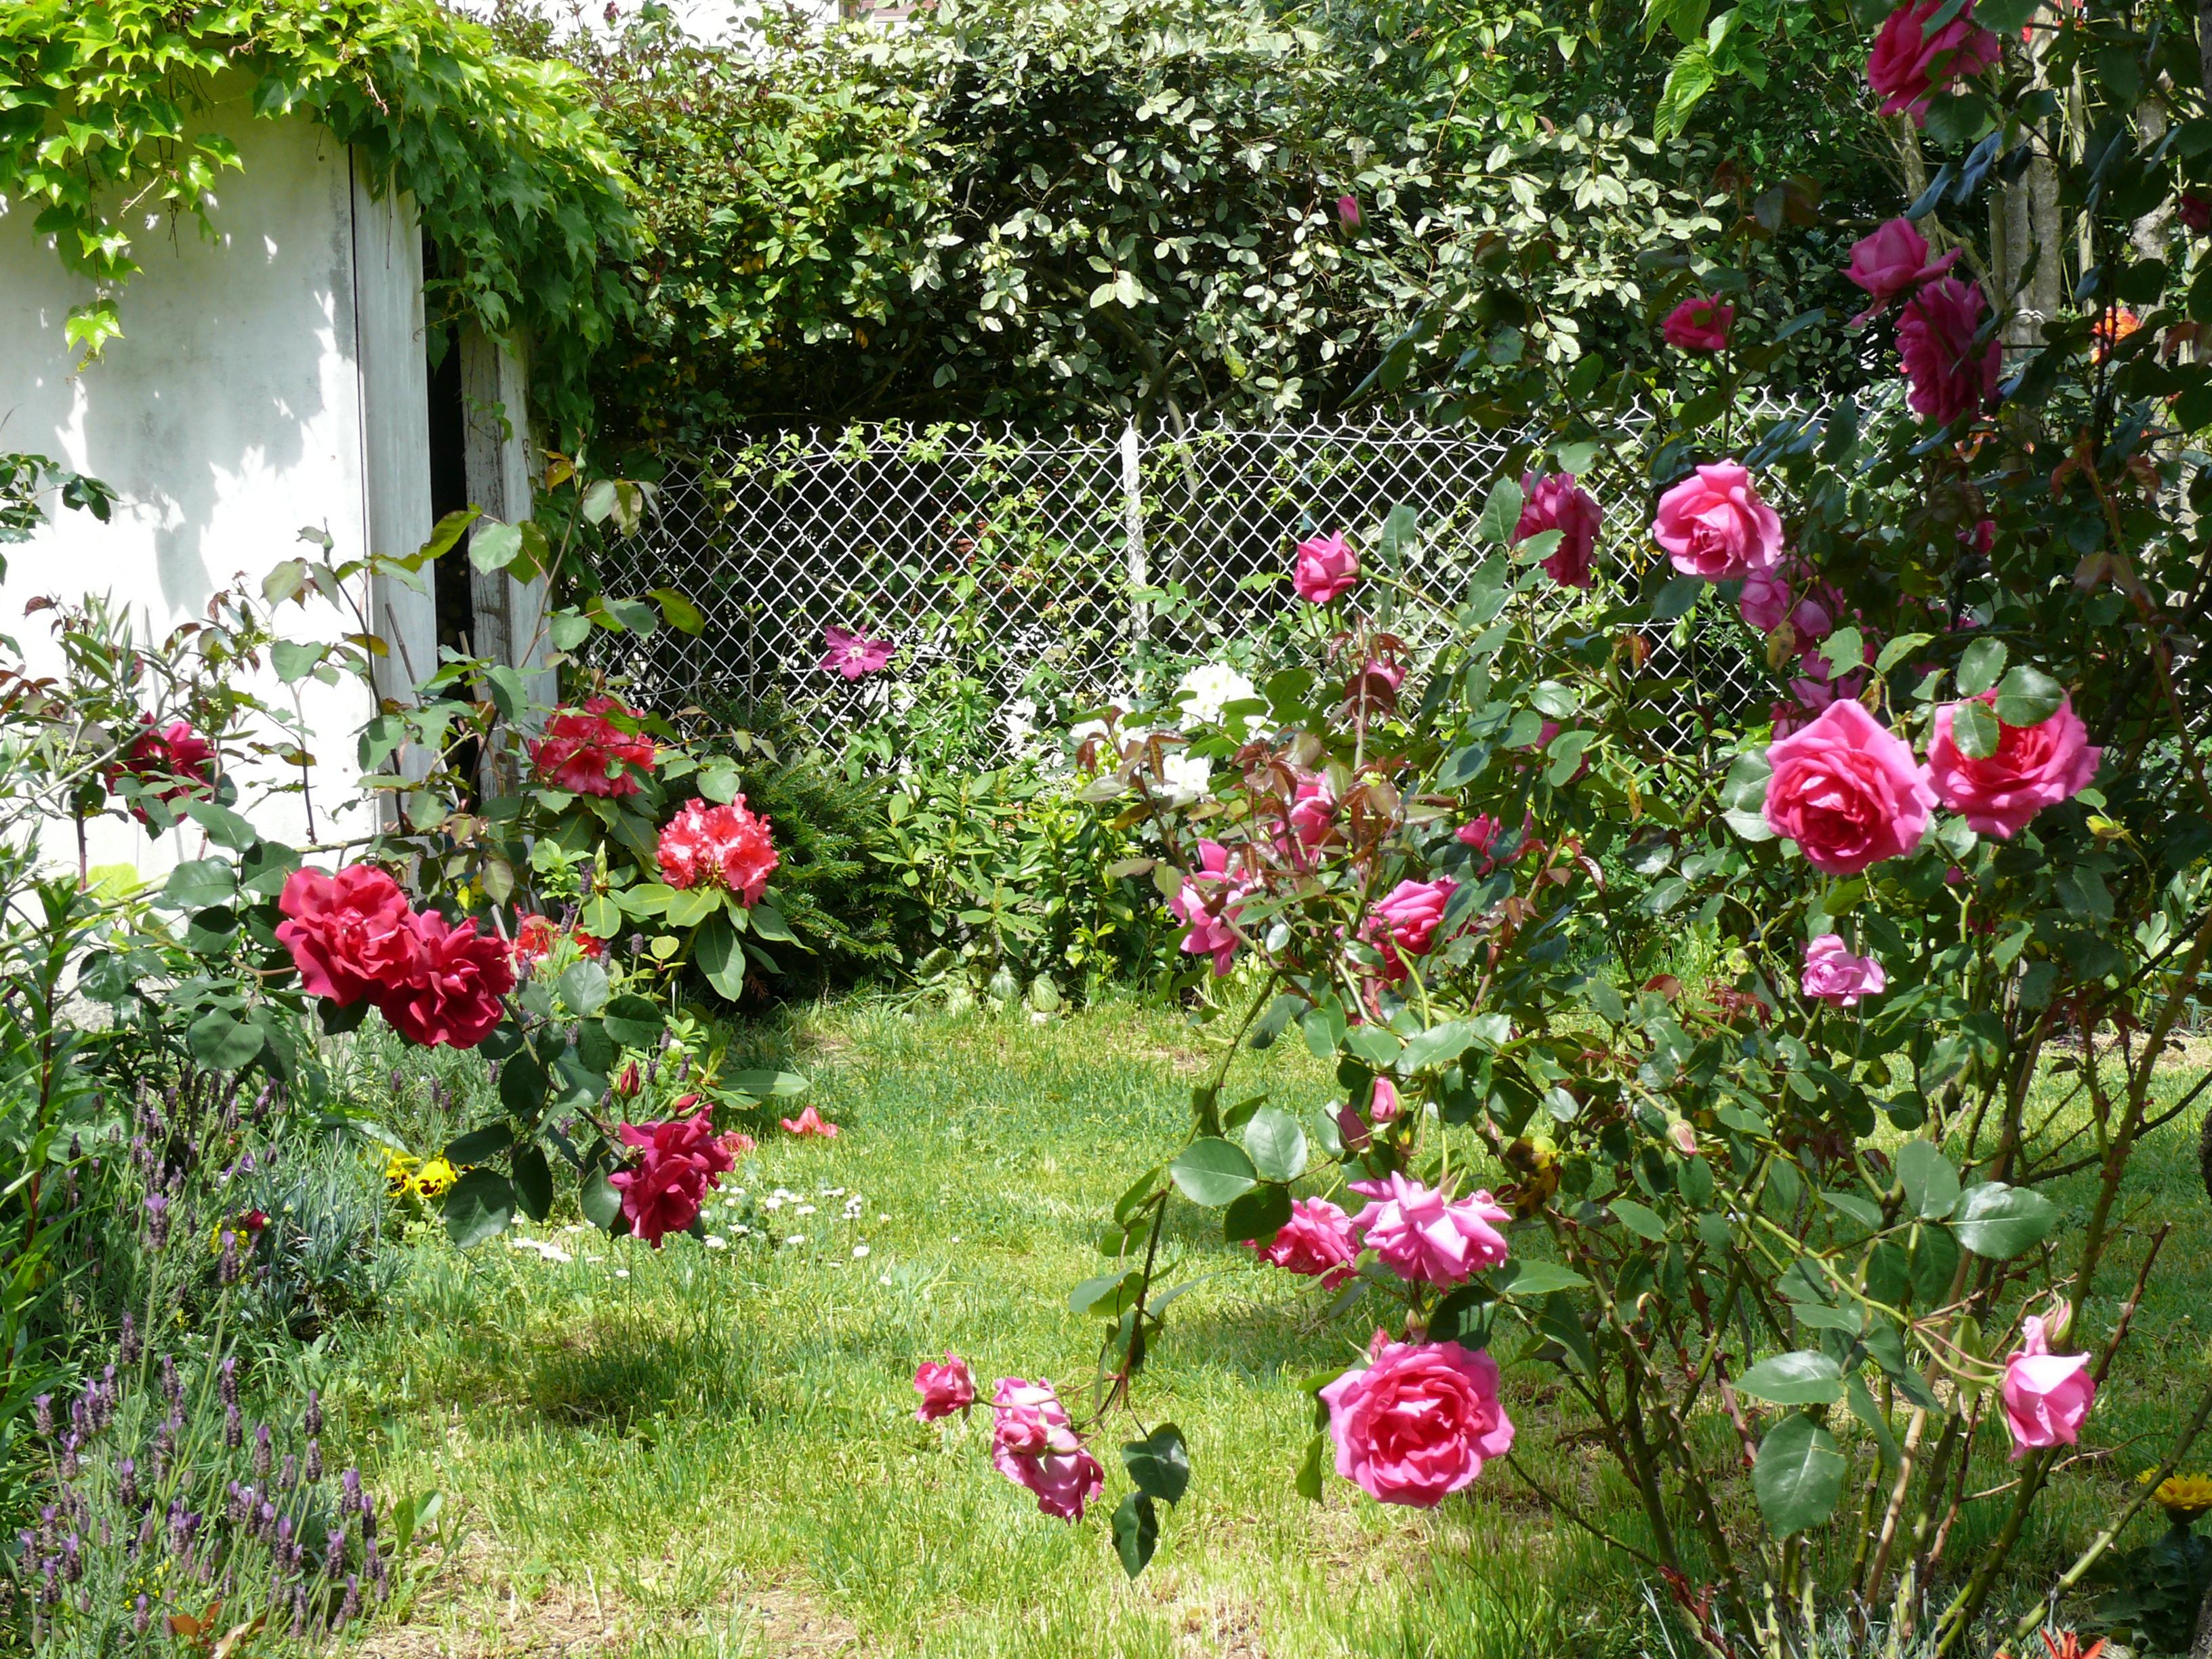 Rosier grimpant rose agrippé au cerisier